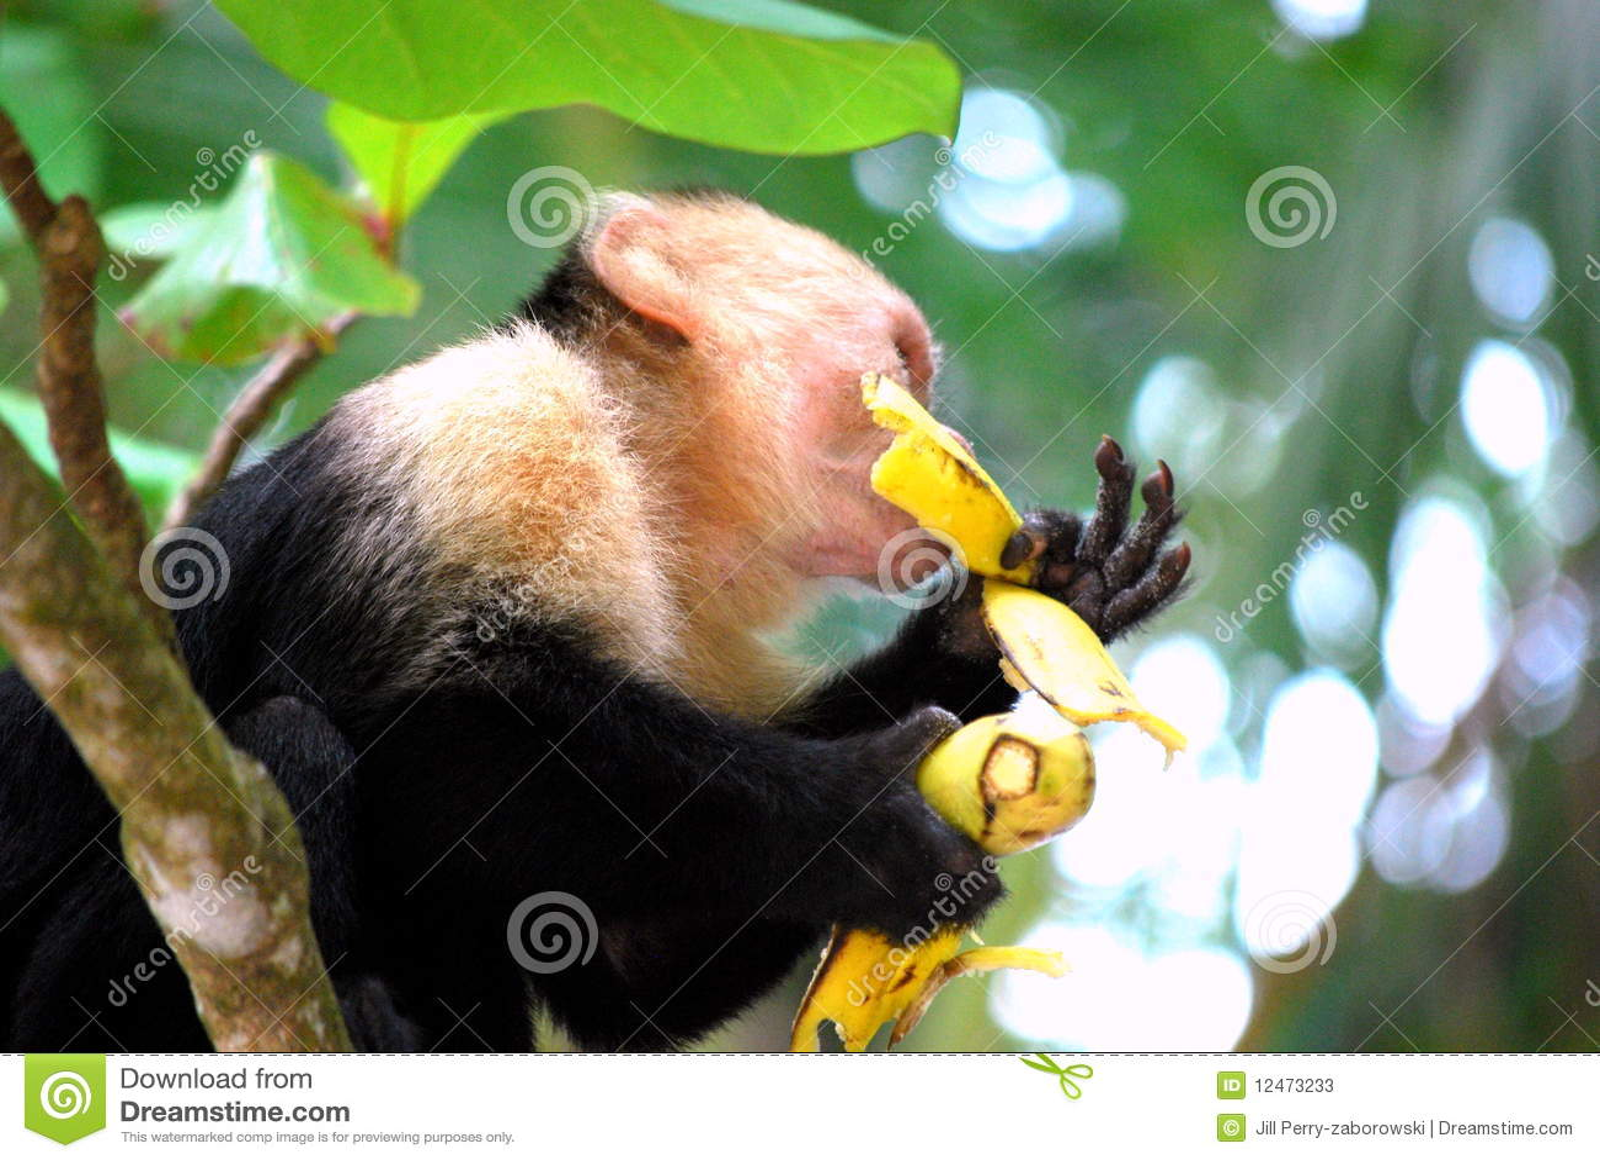 Sexe de singe avec une femme